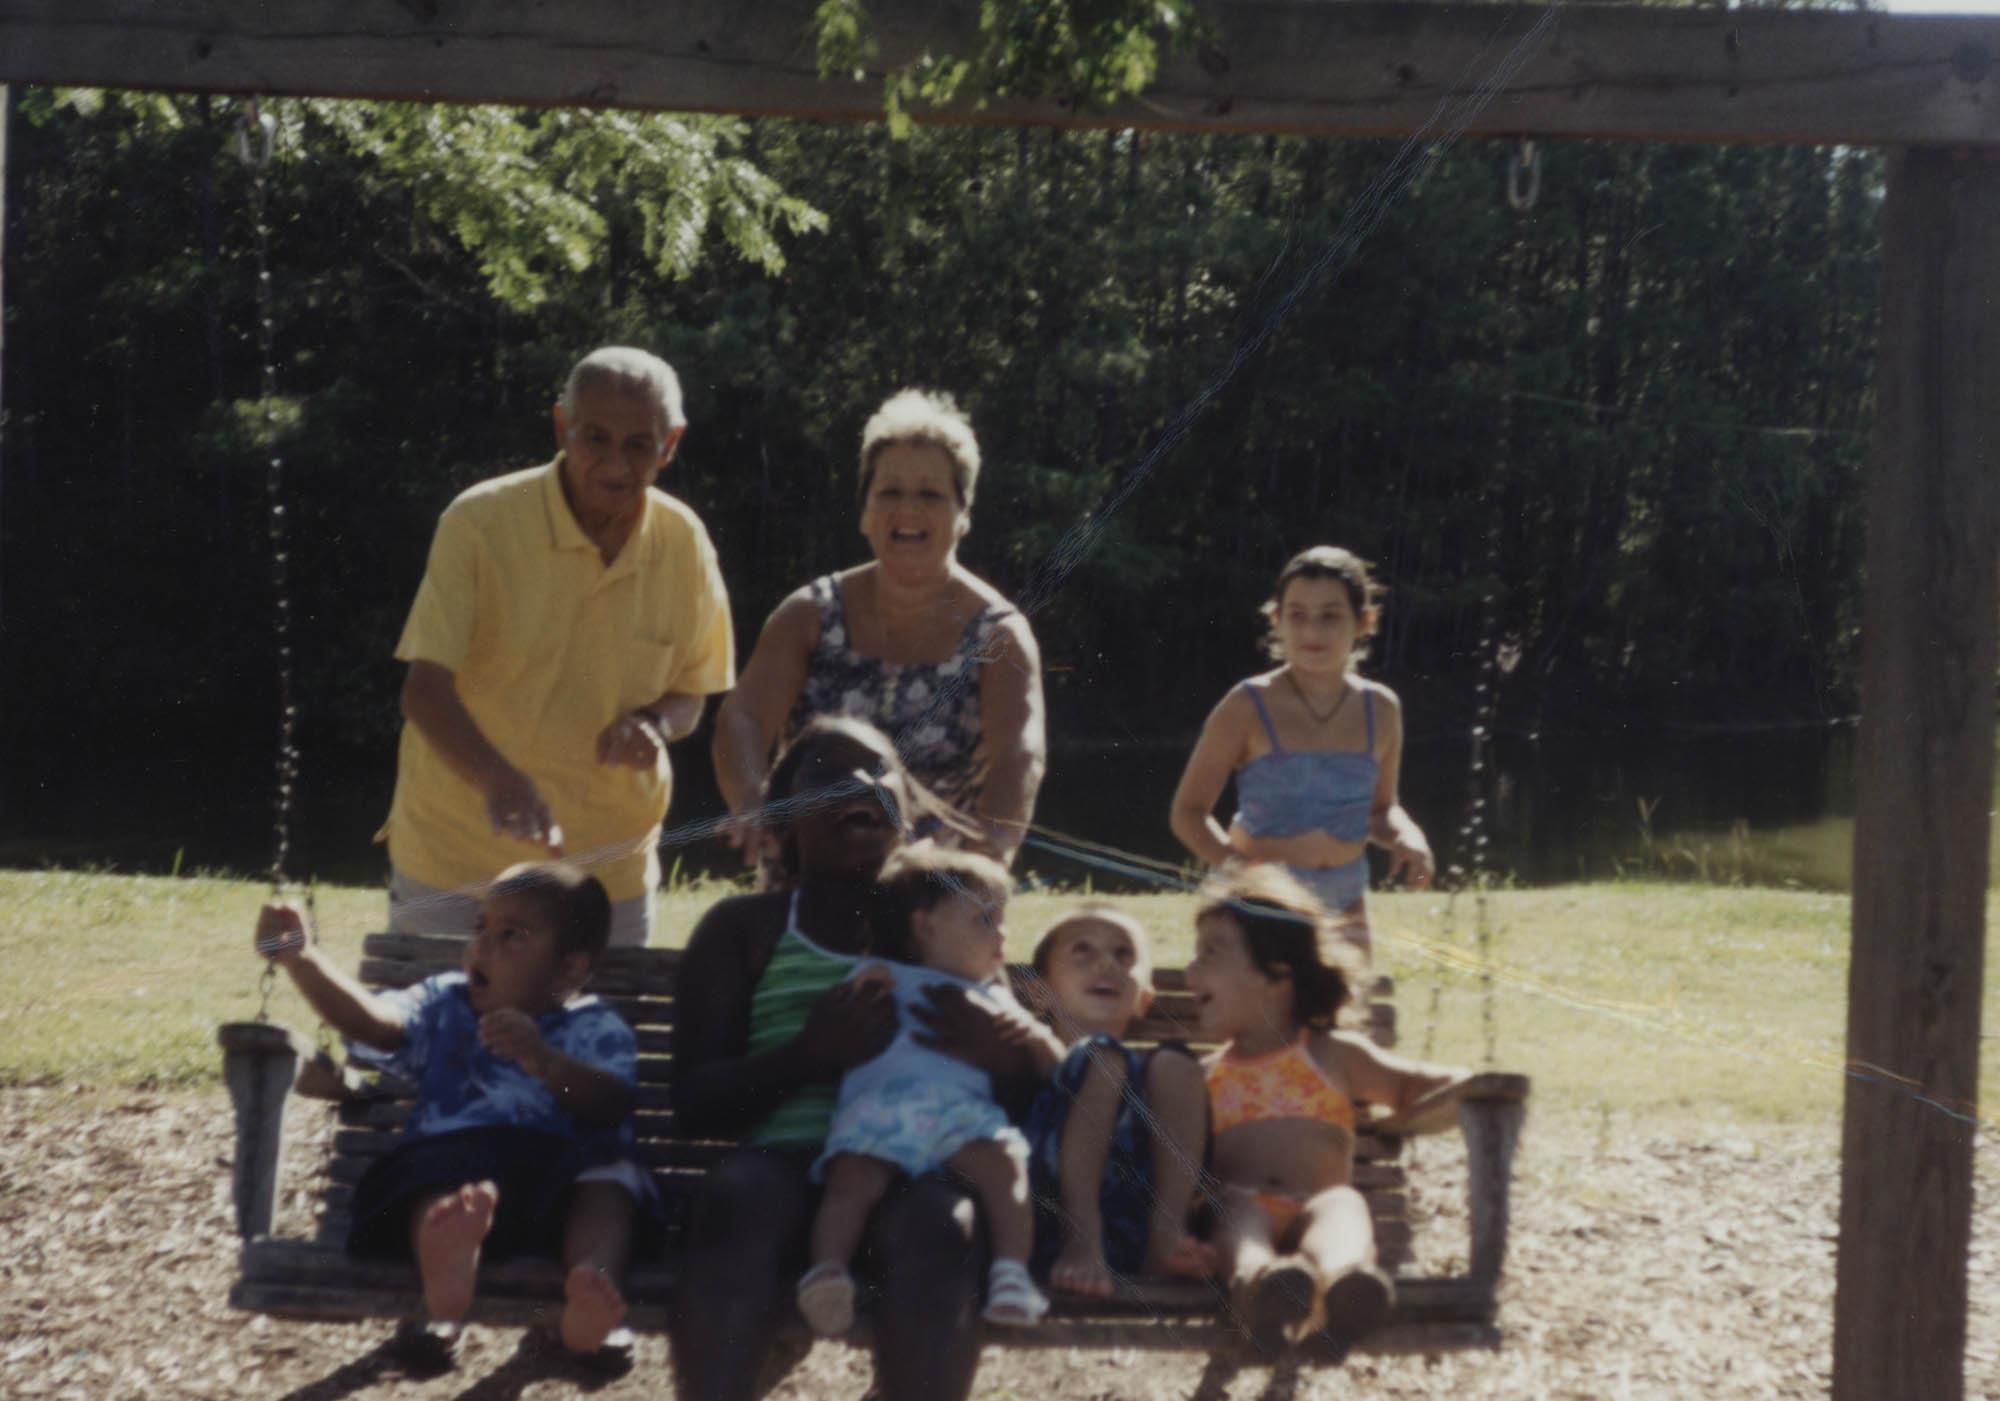 Fotografía de una pareja y un grupo de niños en James Island County Park  /  Photograph of Couple and Children at the James Island County Park